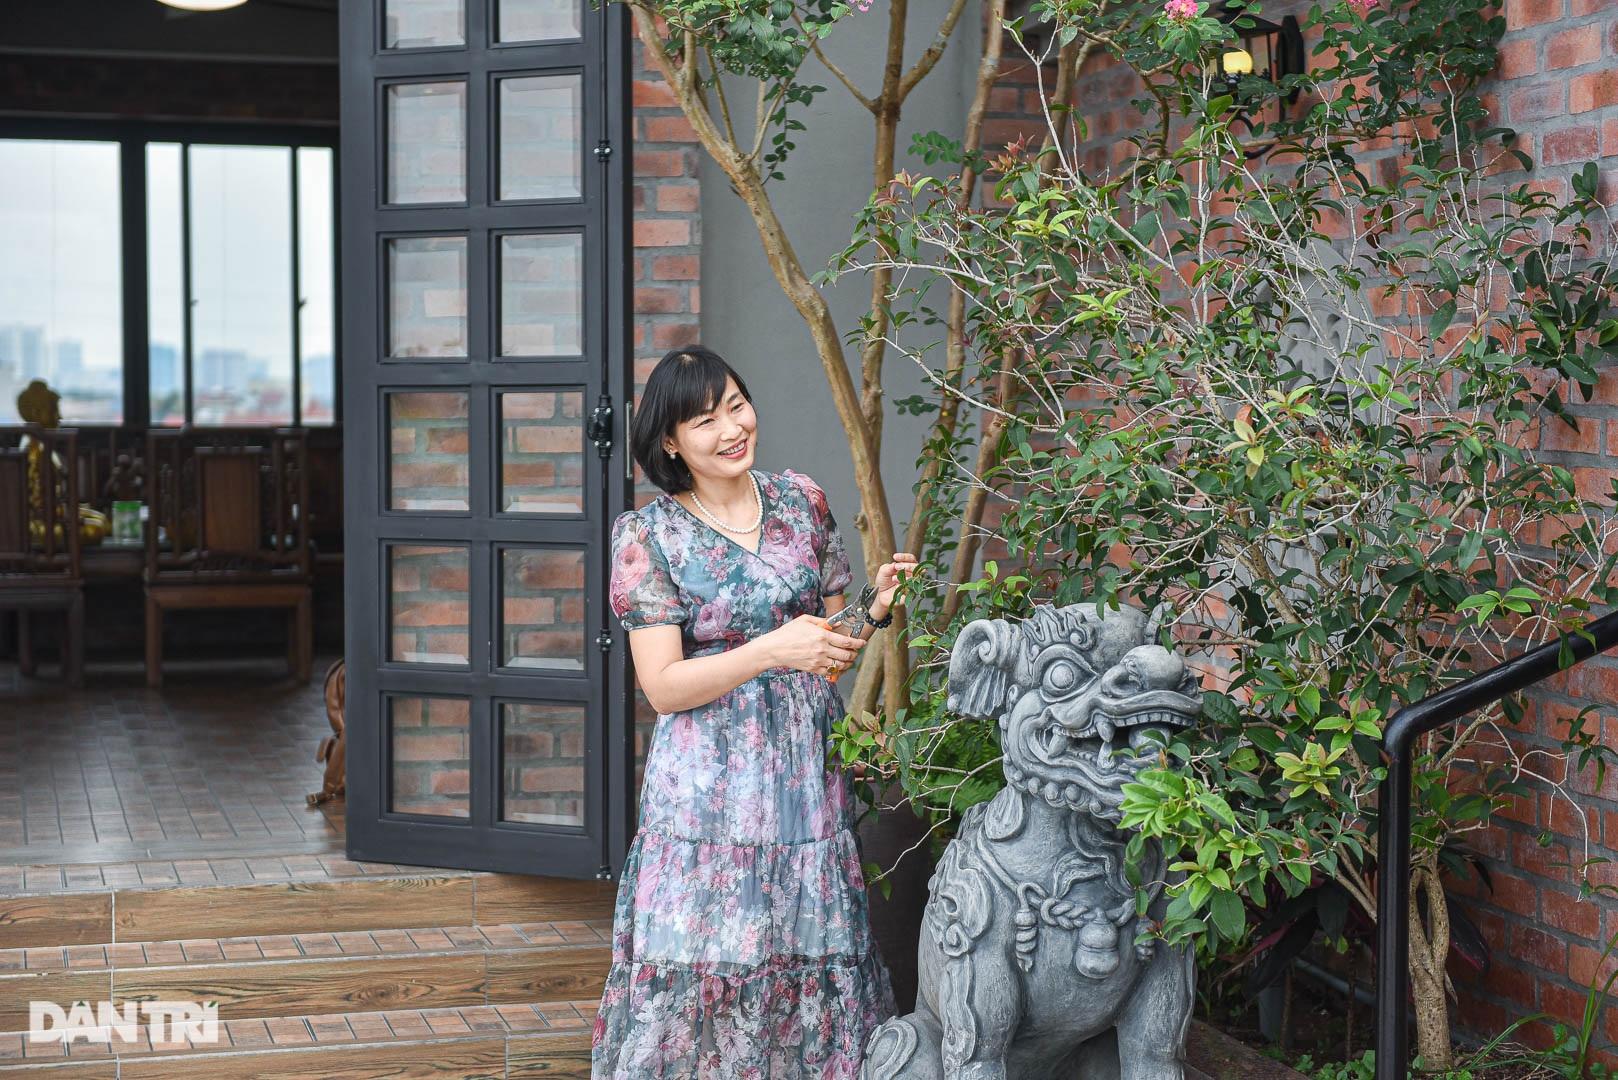 Độc đáo ngôi nhà cổ trăm tuổi rộng 100m2 tọa lạc trên nóc biệt thự ở Hà Nội - 9